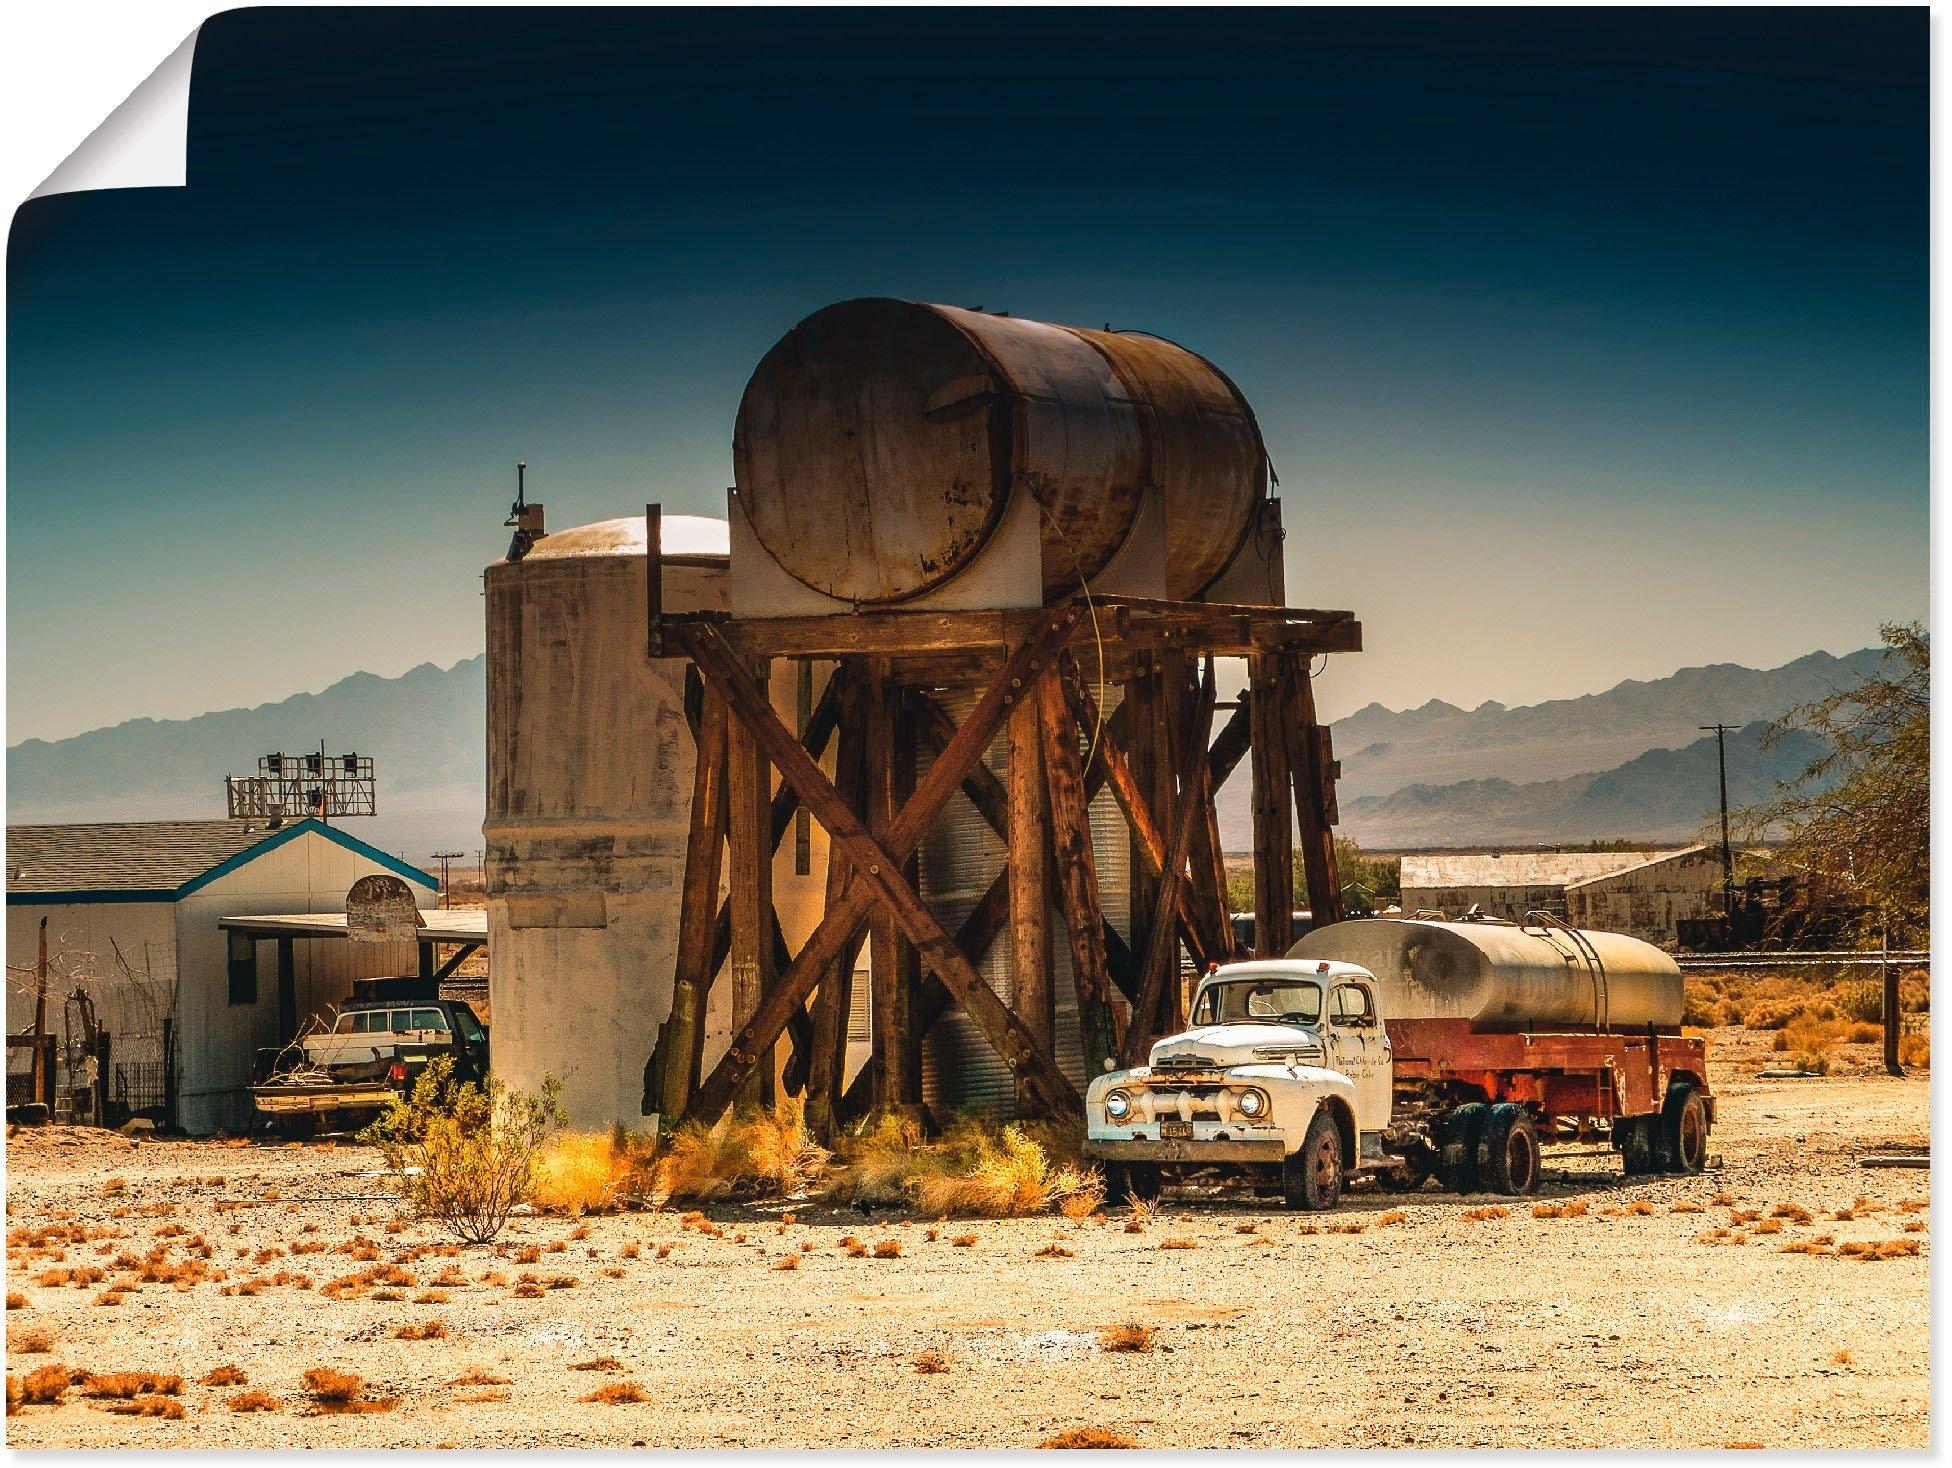 Artland artprint »Route 66 Kalifornien Amerika« goedkoop op otto.nl kopen